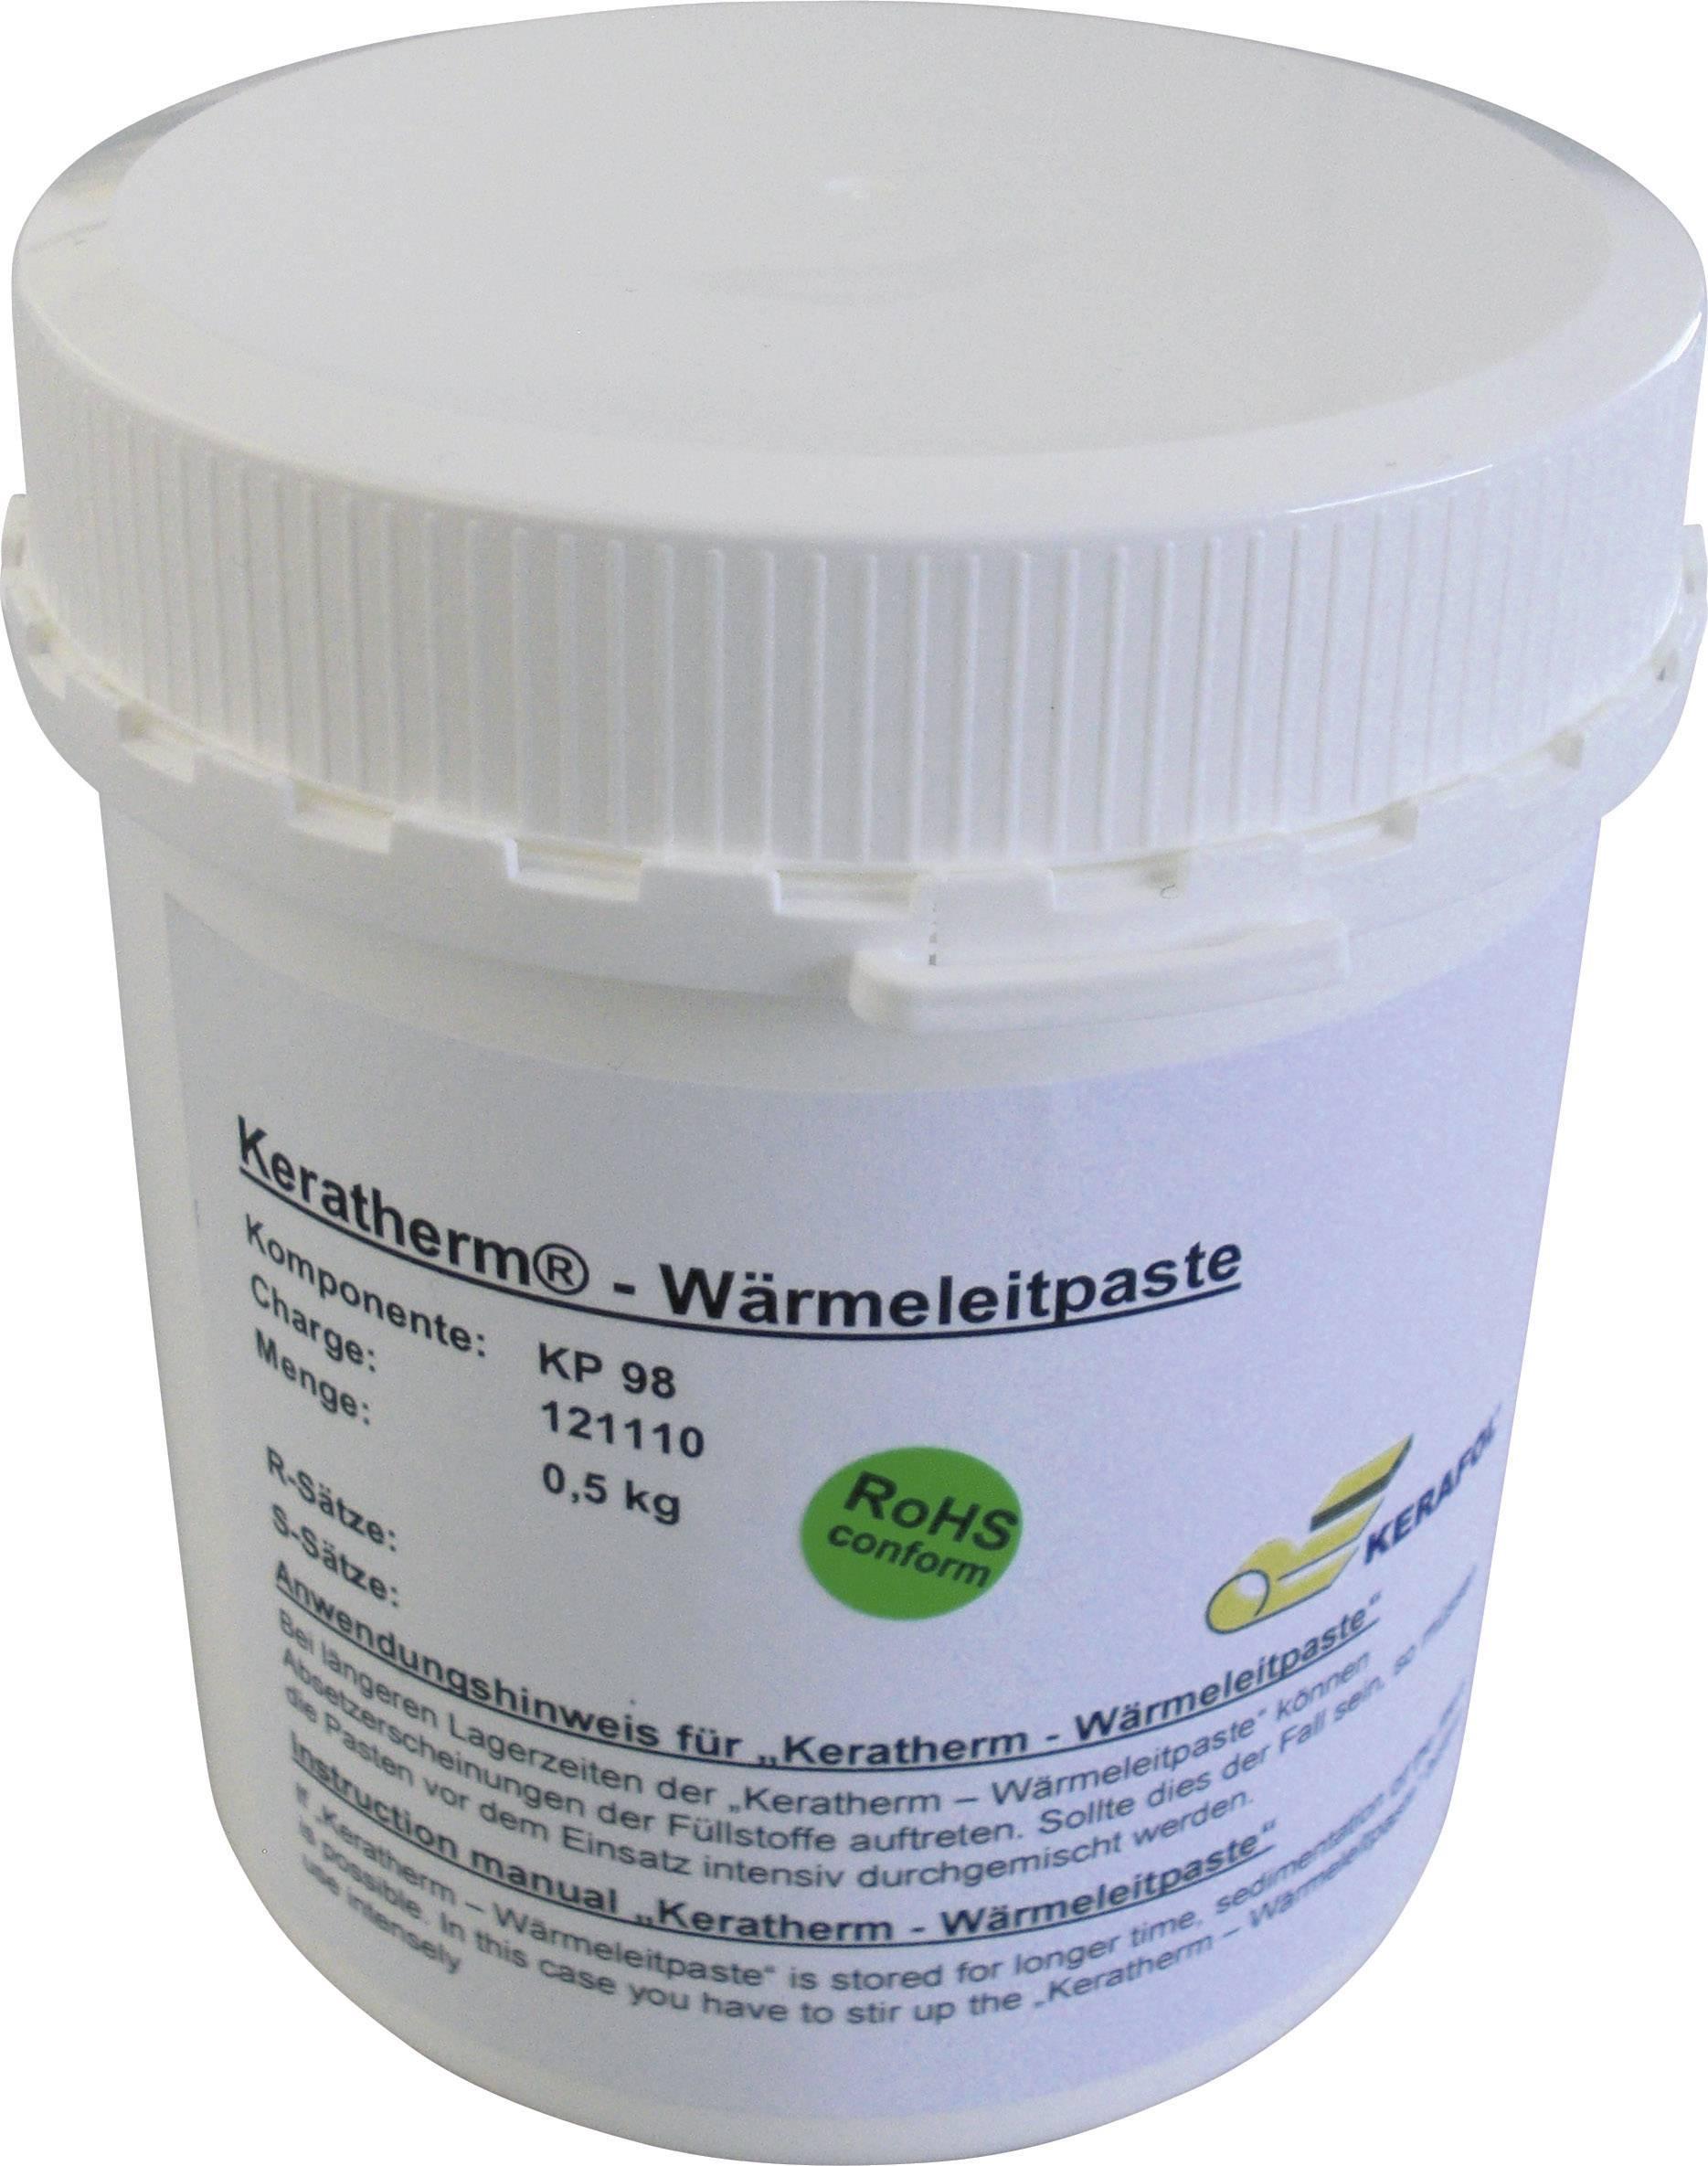 Teplovodivá pasta Keratherm Kerafol KP98, 6 W/mK, 500 g (228 ml), stříkačka